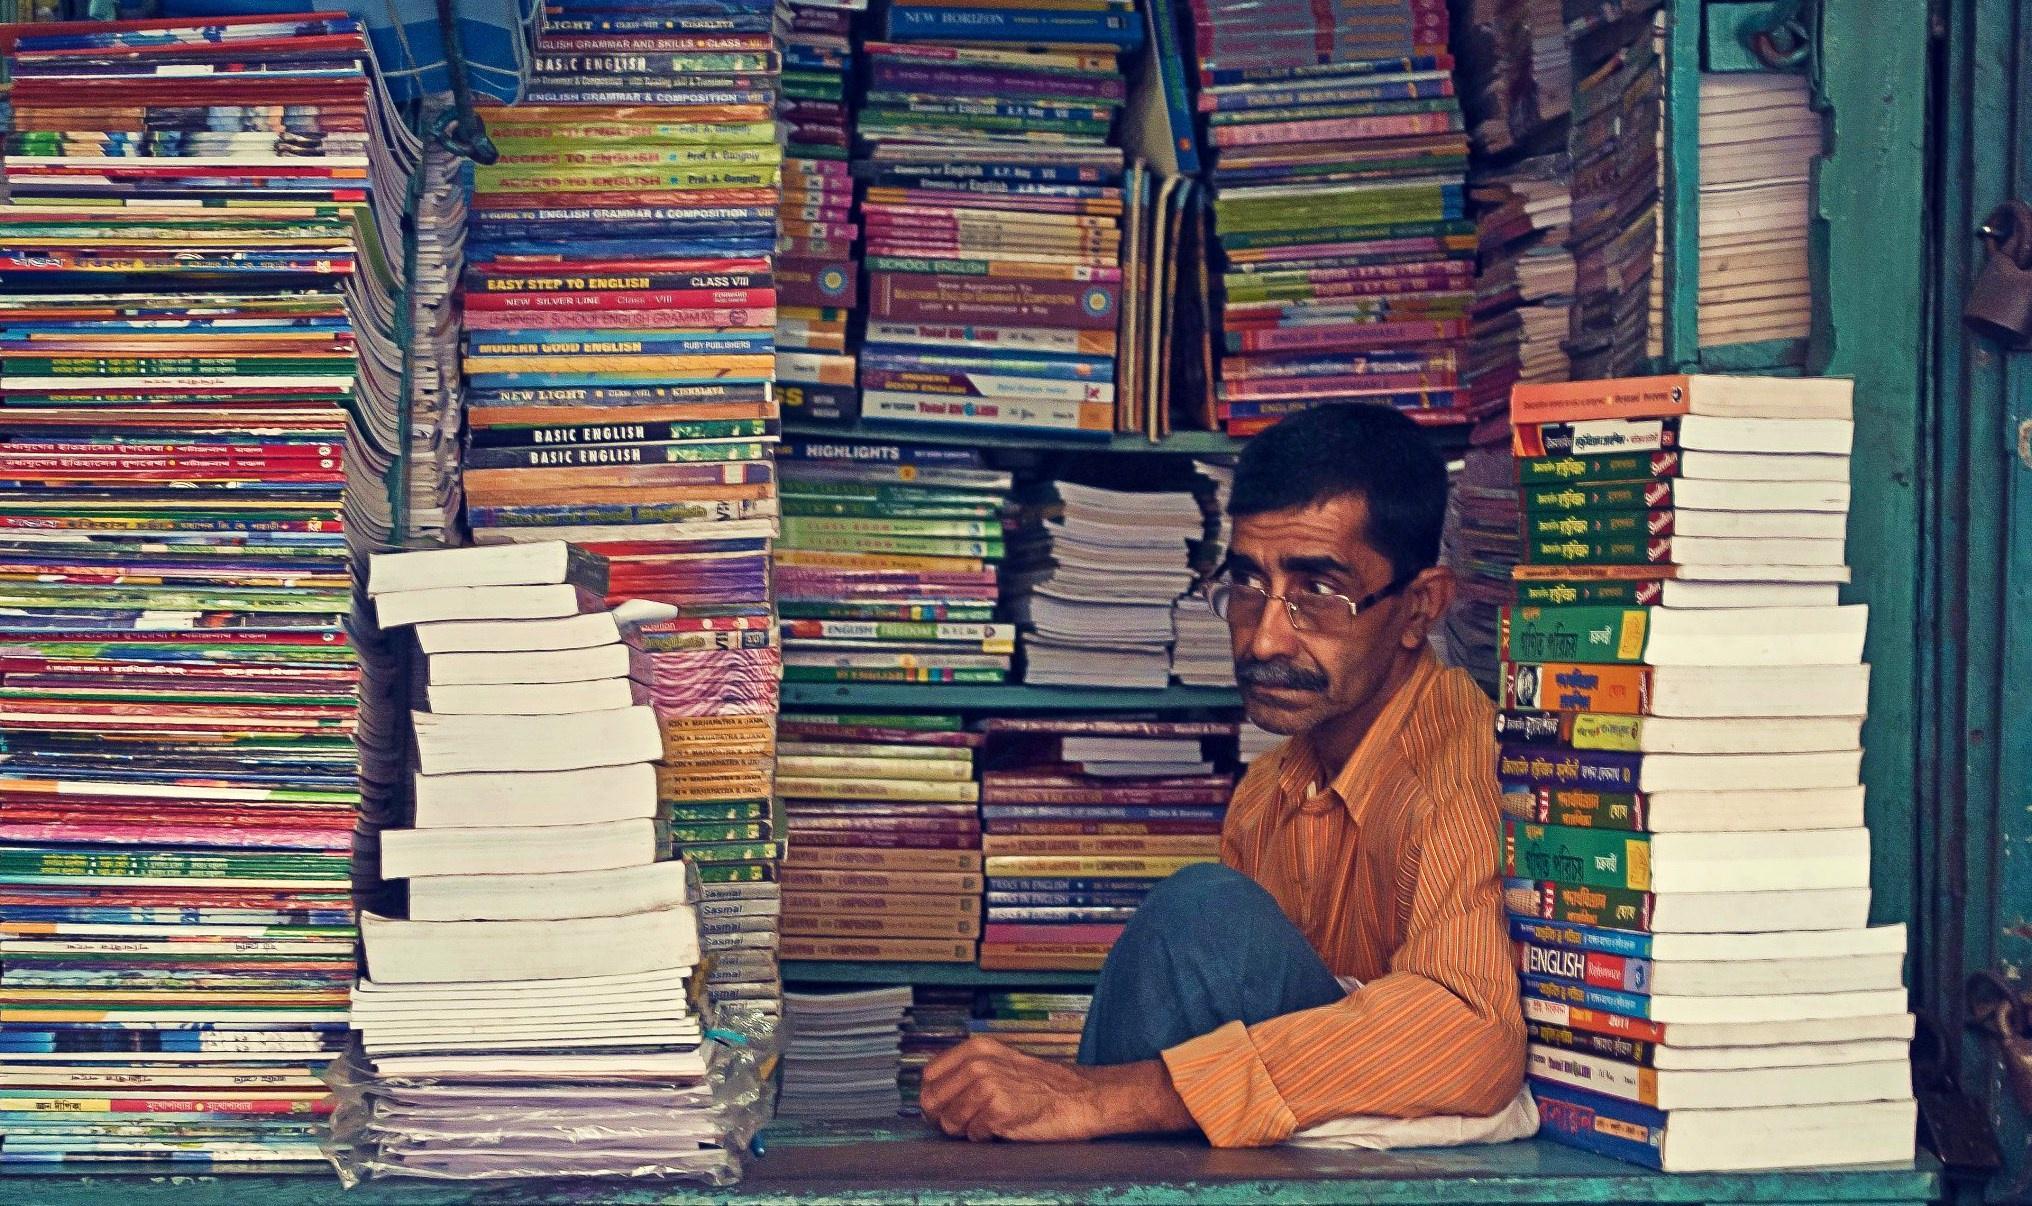 Cơn ác mộng của ngành xuất bản Ấn Độ Ảnh 1